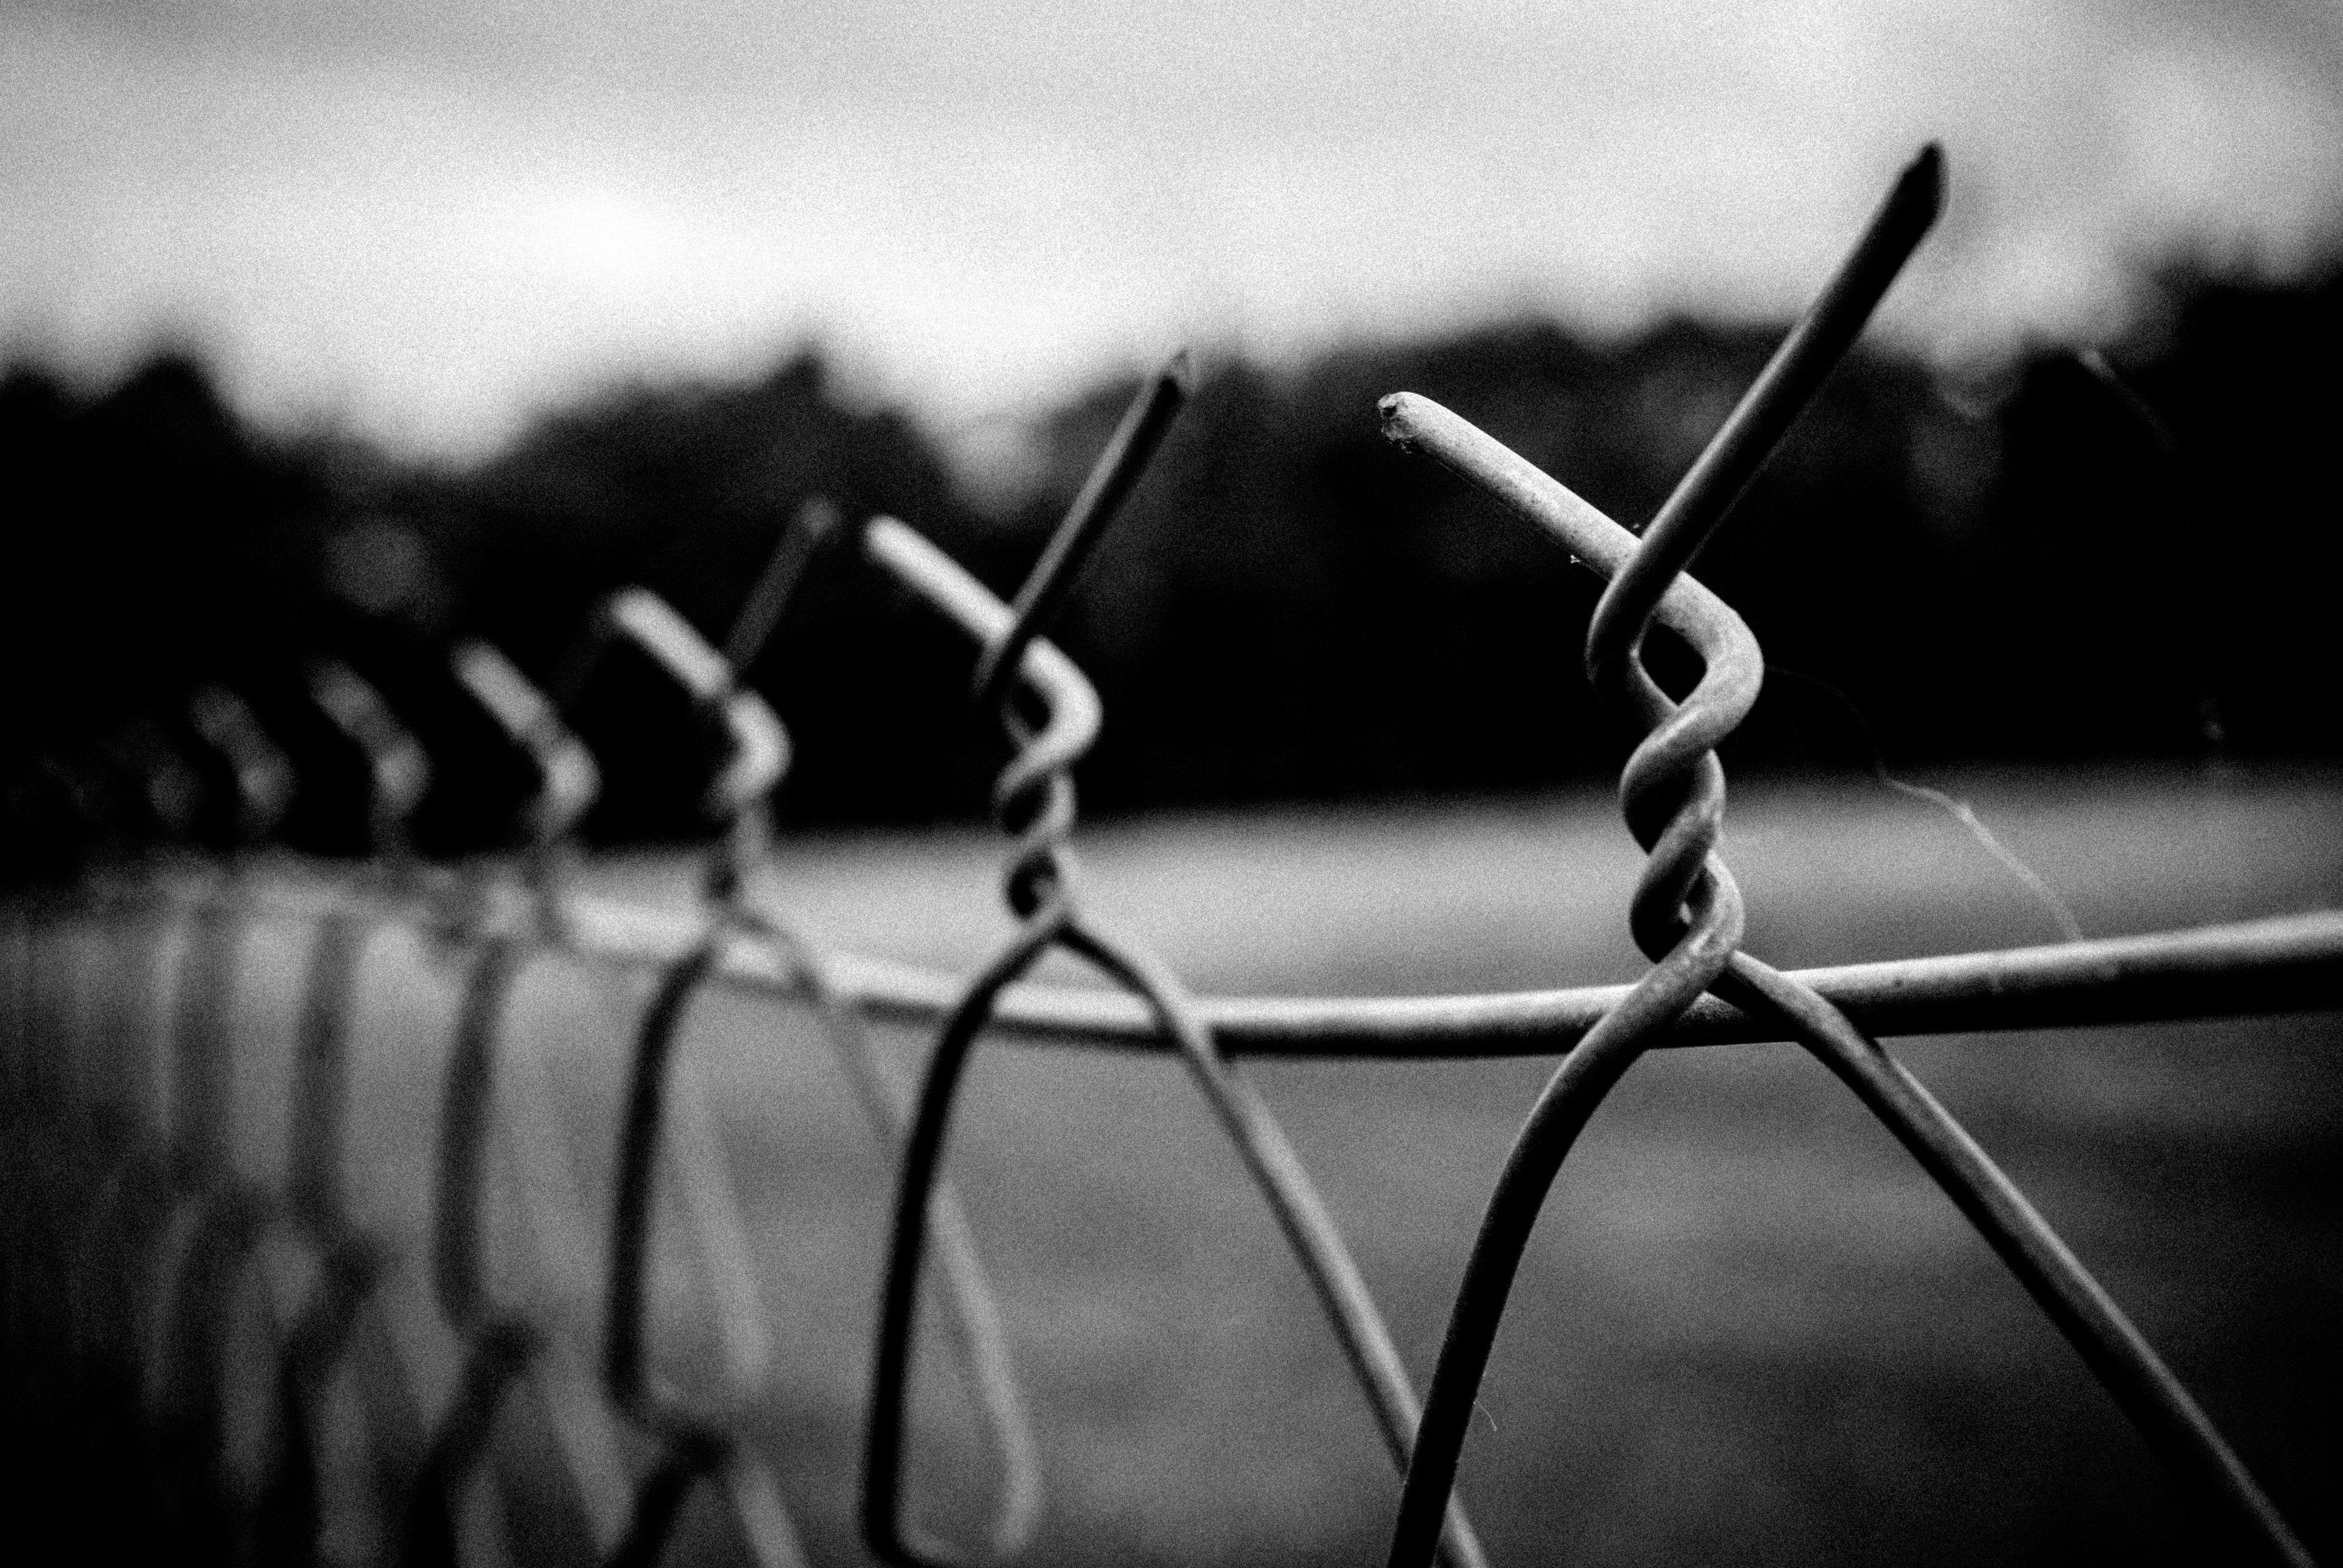 Многие из пленных украинцев имеют проблемы со здоровьем, поэтому правозащитники надеются на их освобождение / flickr.com/Jérémy LARROQUE